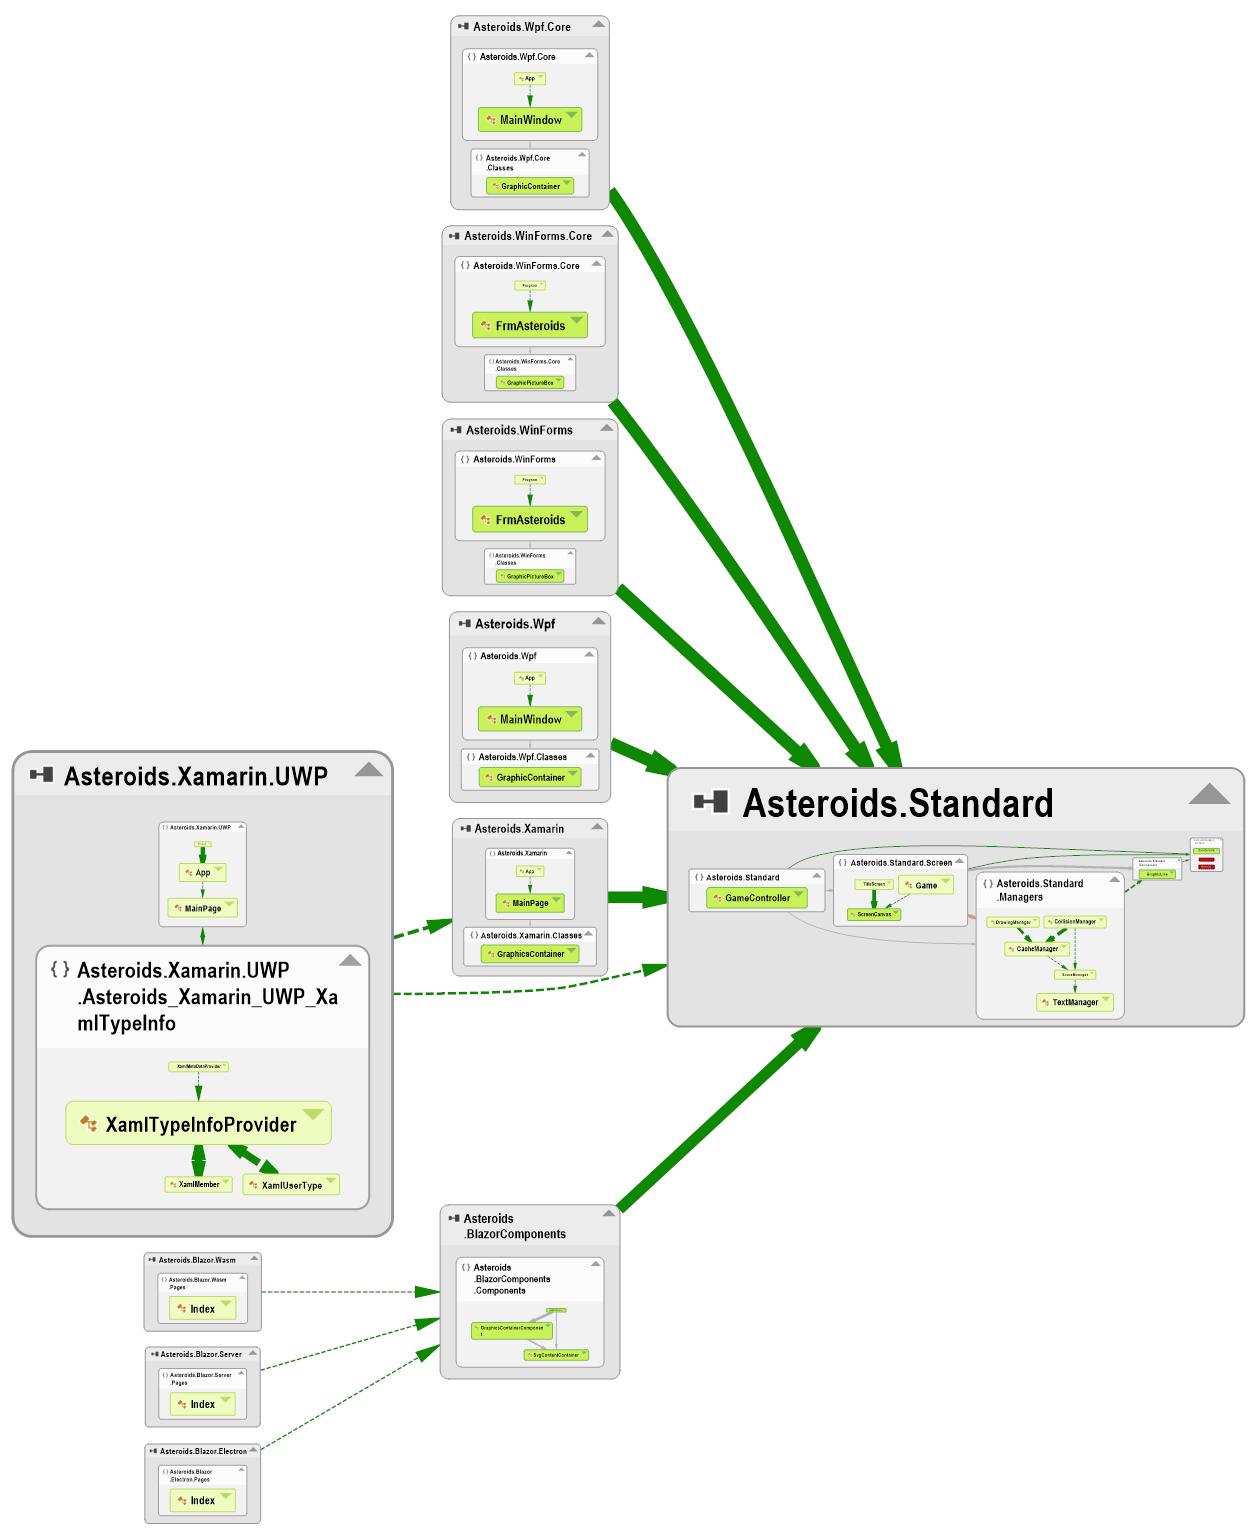 IGraphicLine IGraphicPolygon Dependents